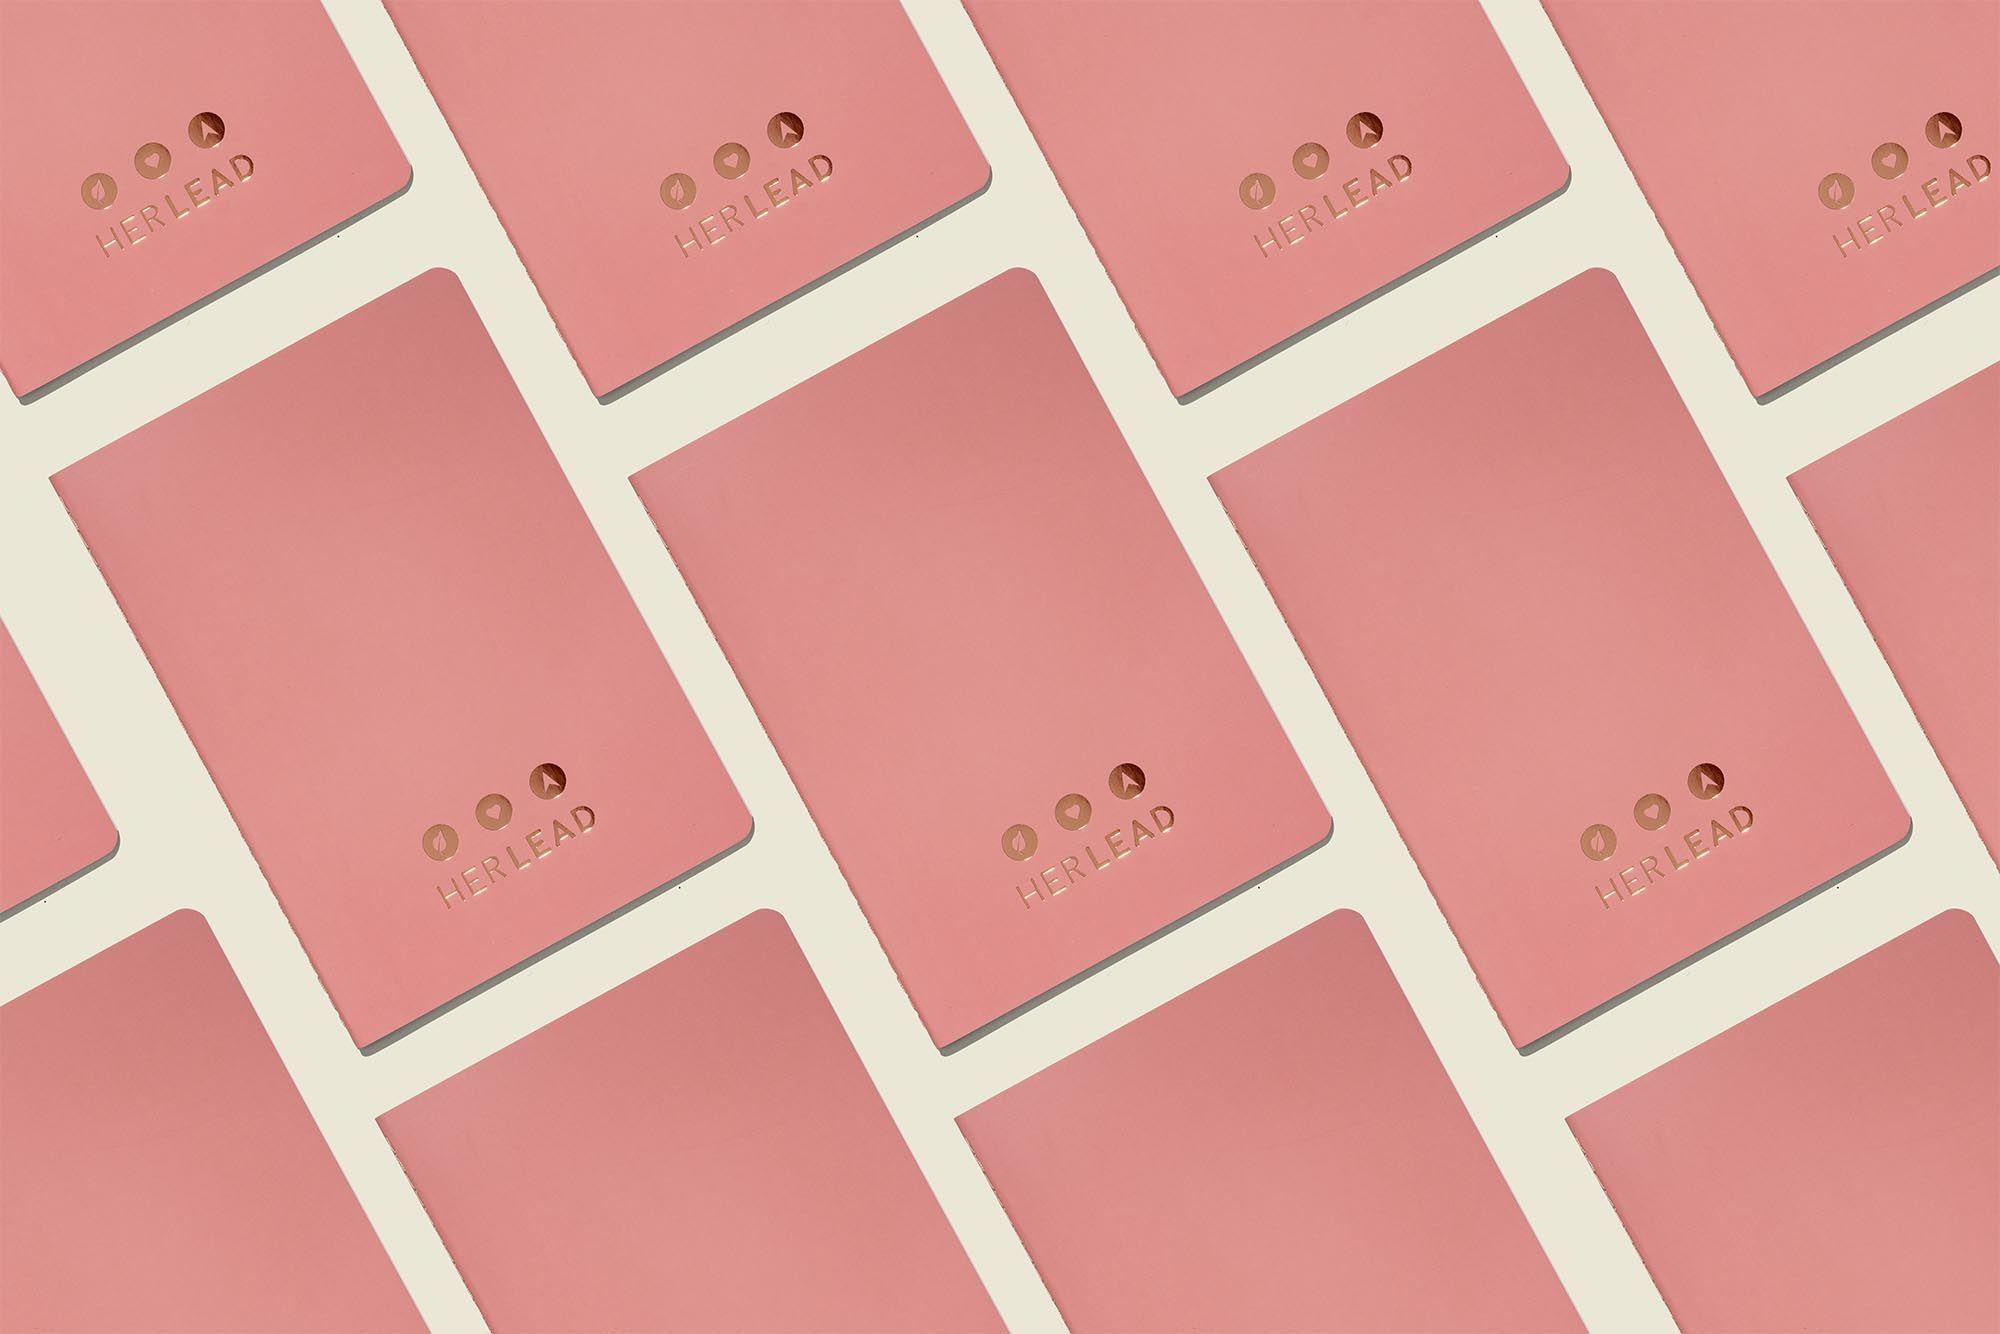 Set of journals